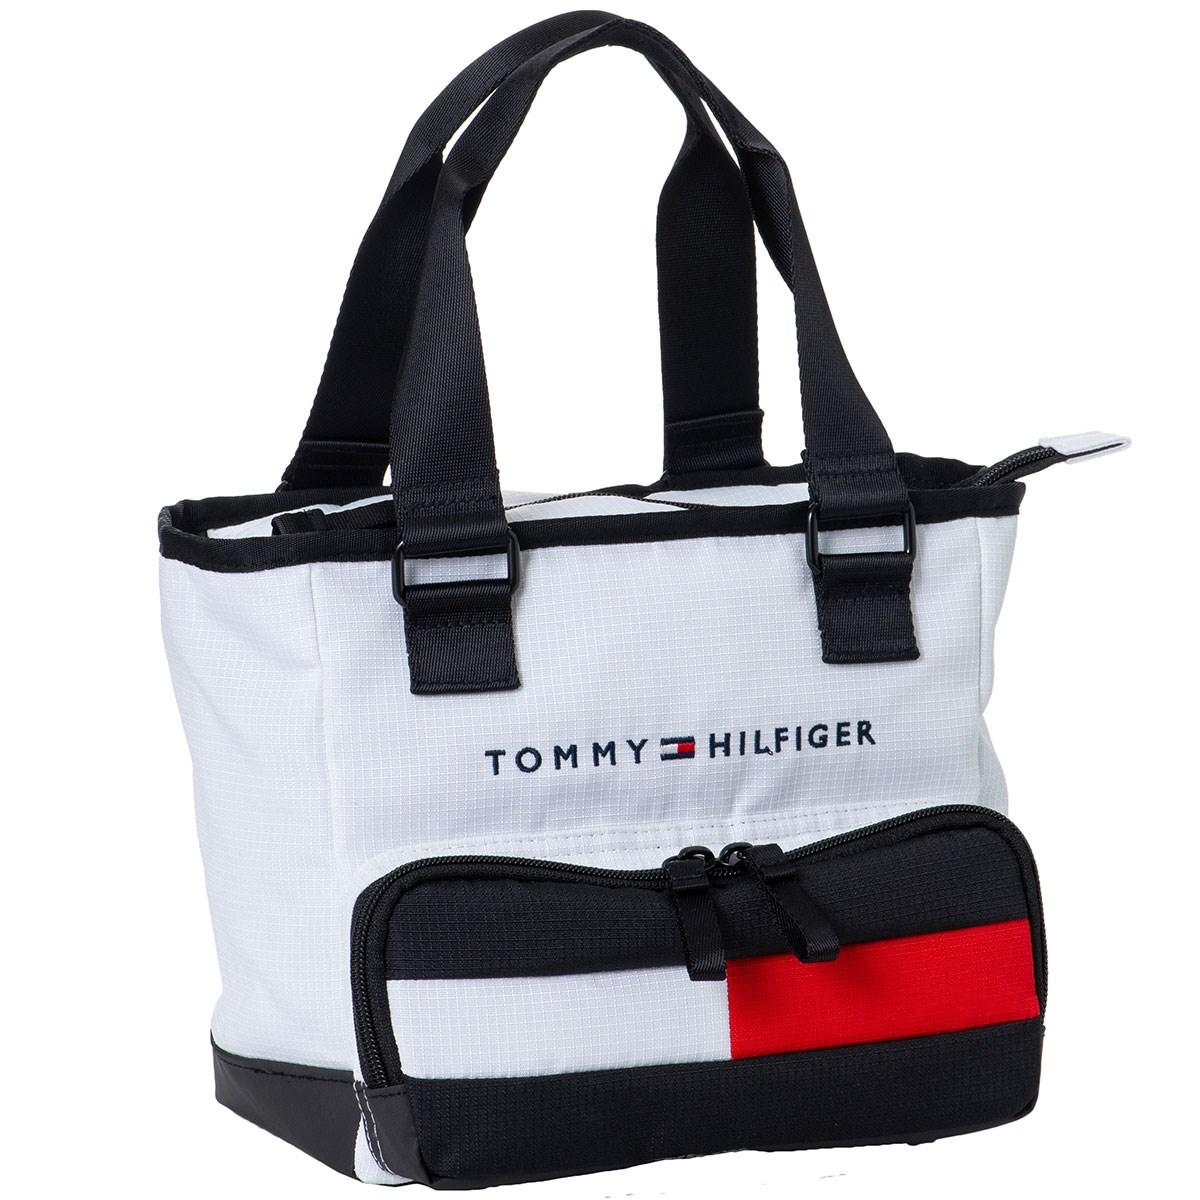 トミー ヒルフィガー ゴルフ TOMMY HILFIGER GOLF SOLID ラウンドバッグ ホワイト 00